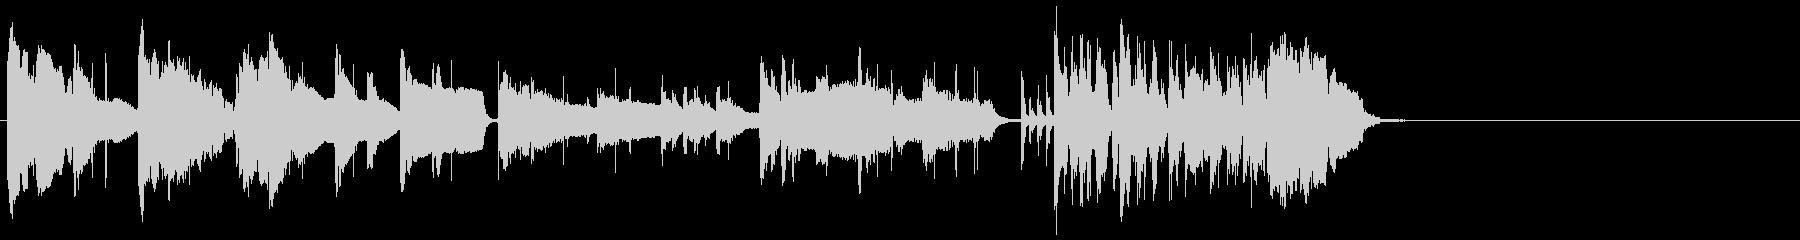 ユーモラスな予想遷移のジャジーなシ...の未再生の波形